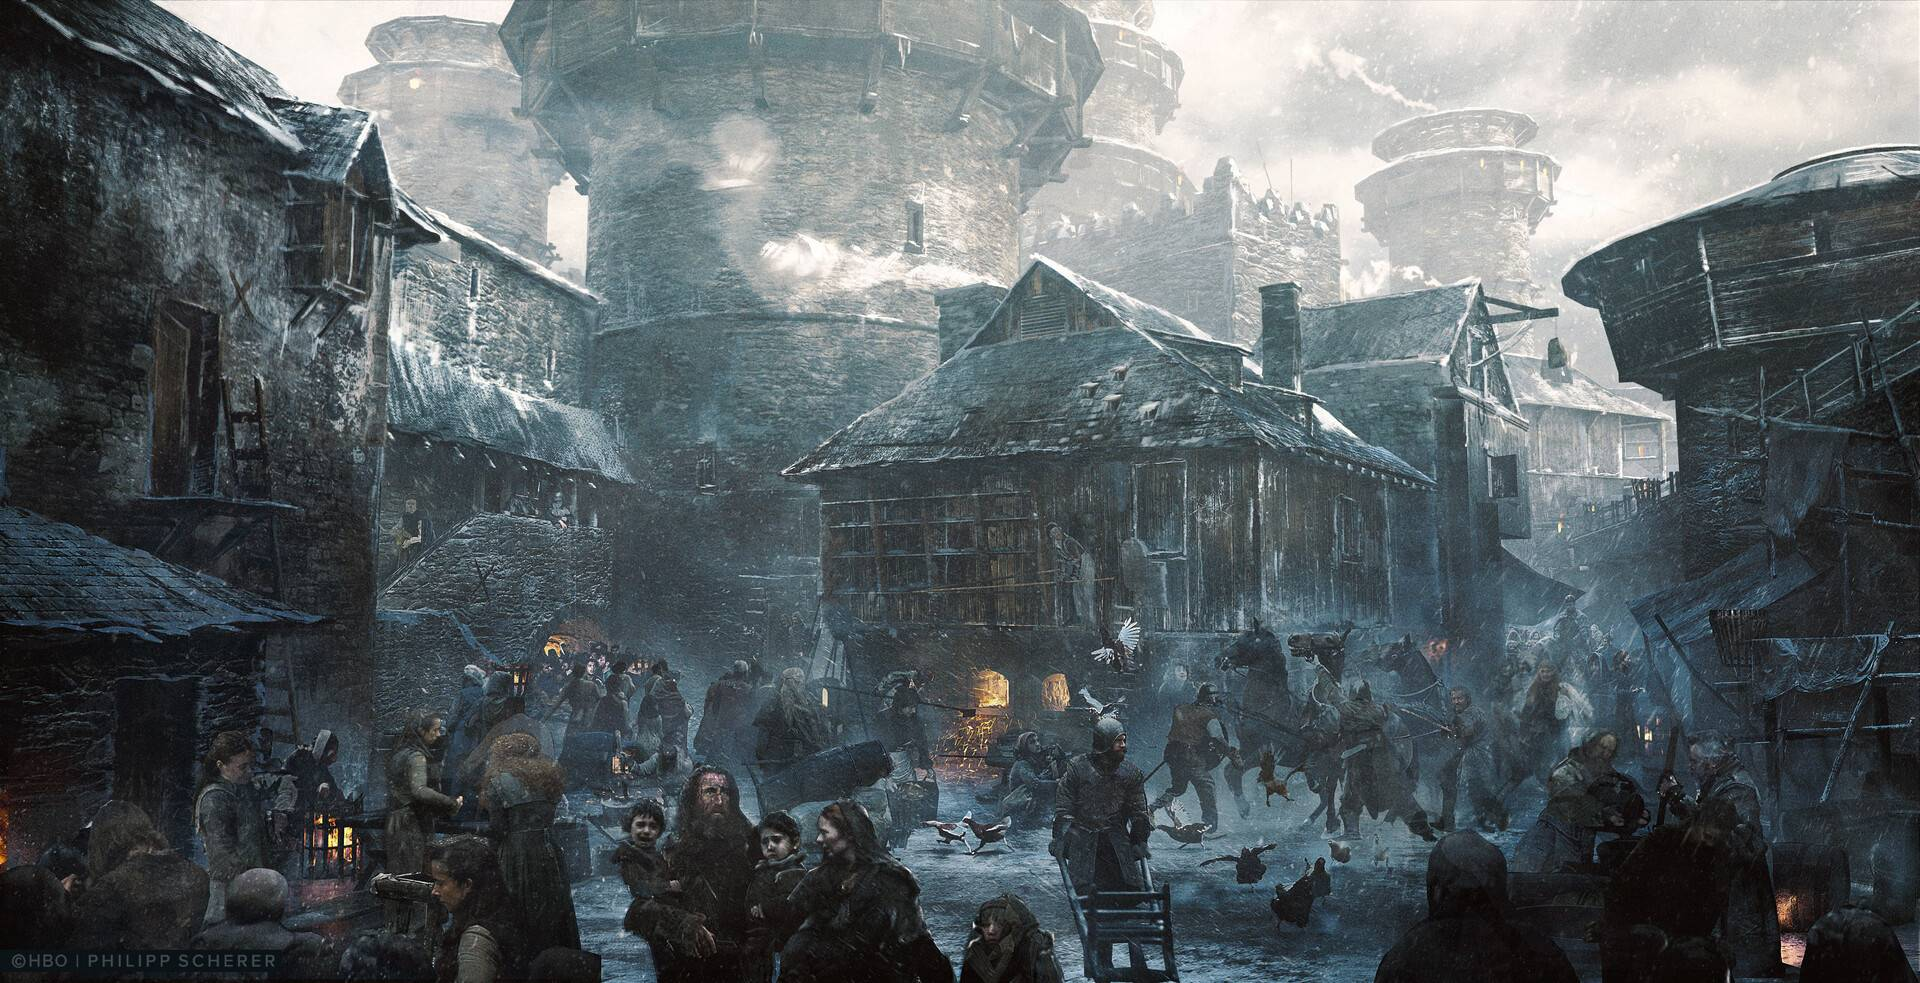 Концепт-арт: иллюстрации к восьмому сезону «Игры престолов» 7